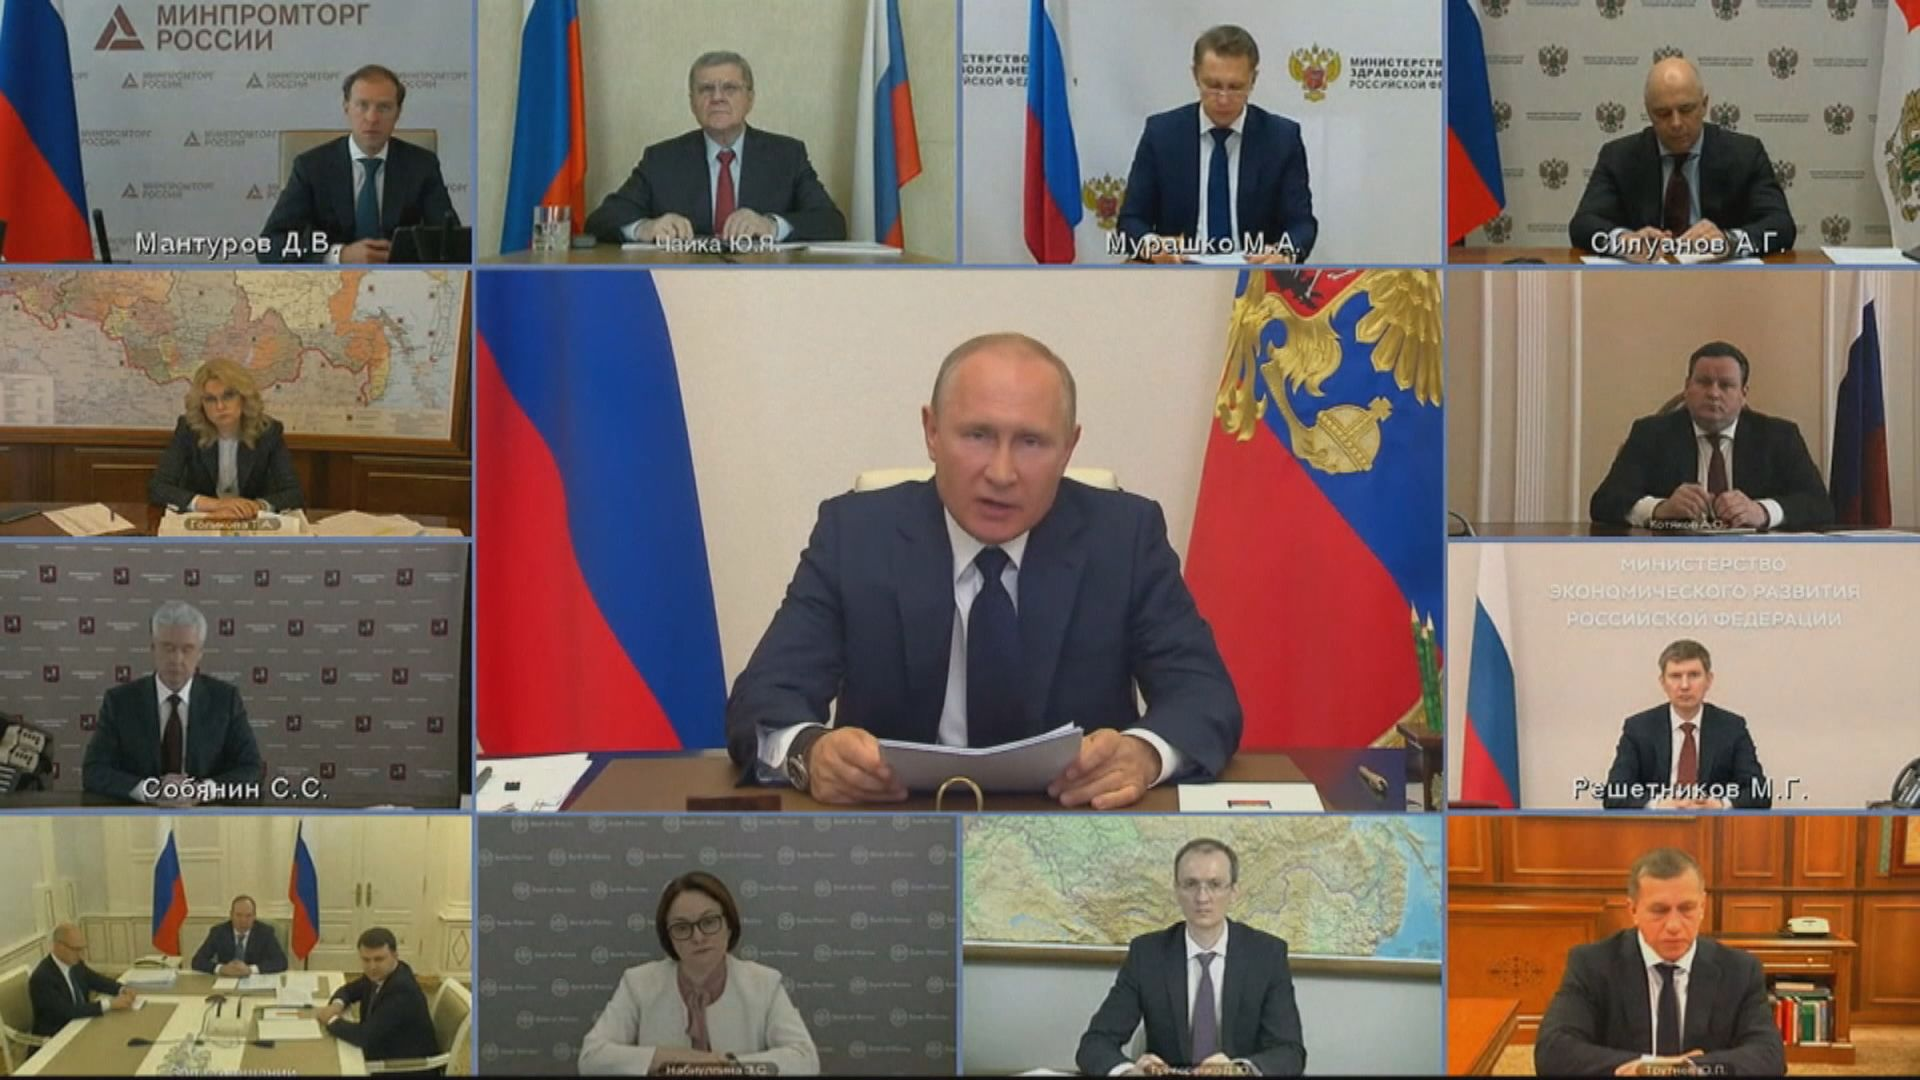 俄羅斯連續九日逾萬人確診 累計宗數超越意大利